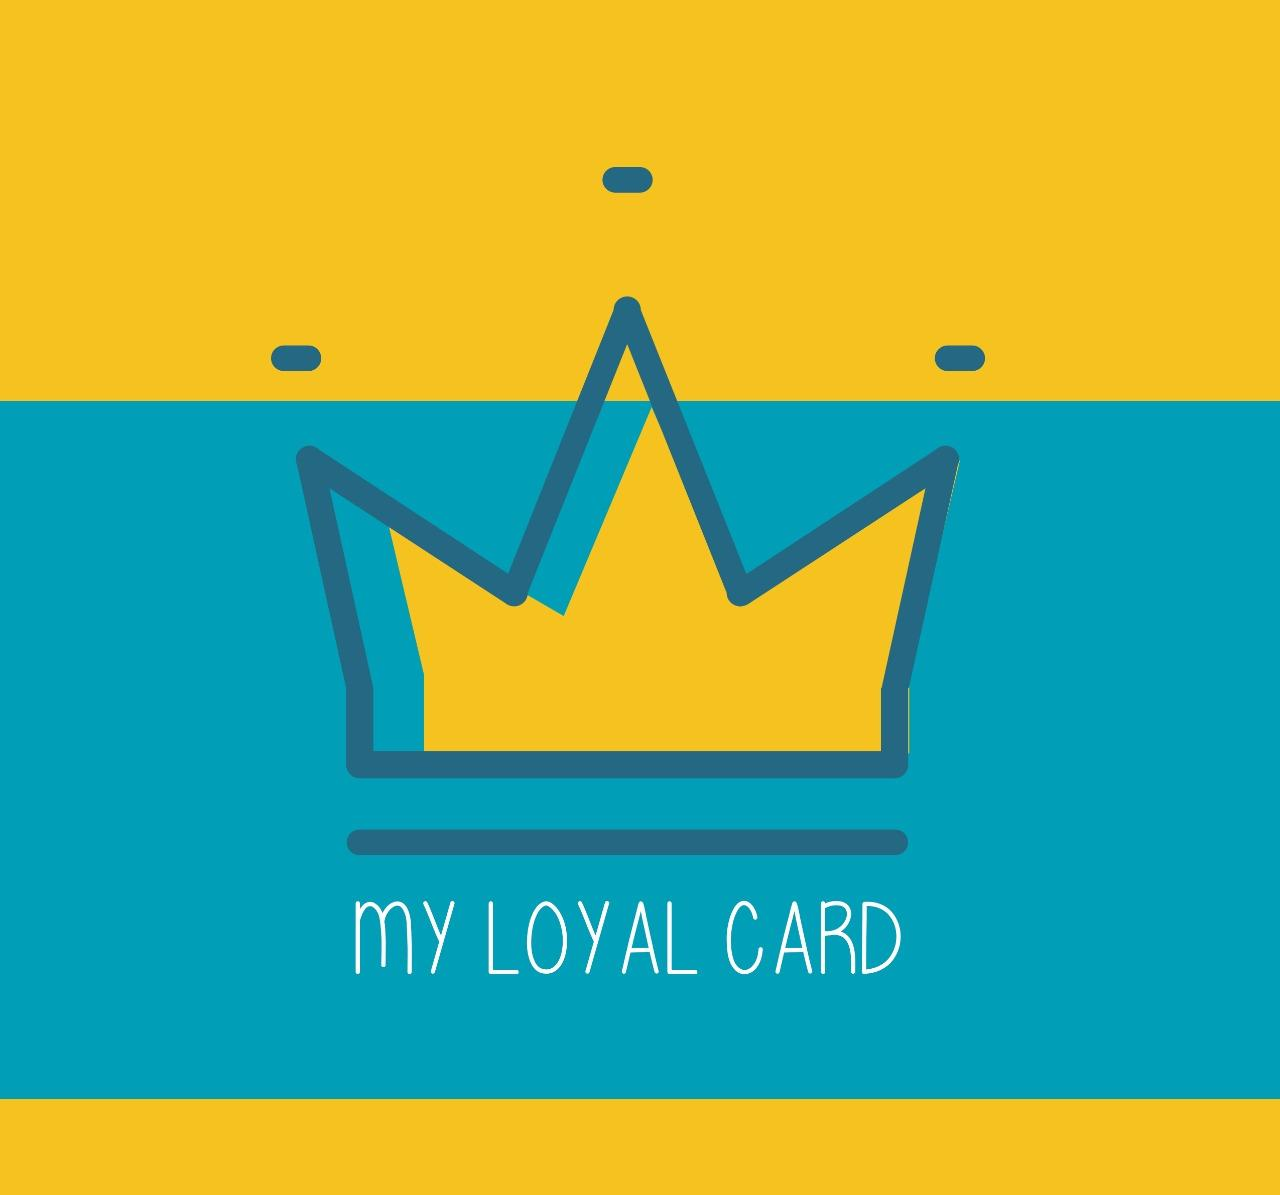 Cartão de fidelidade virtual já pode ser baixado